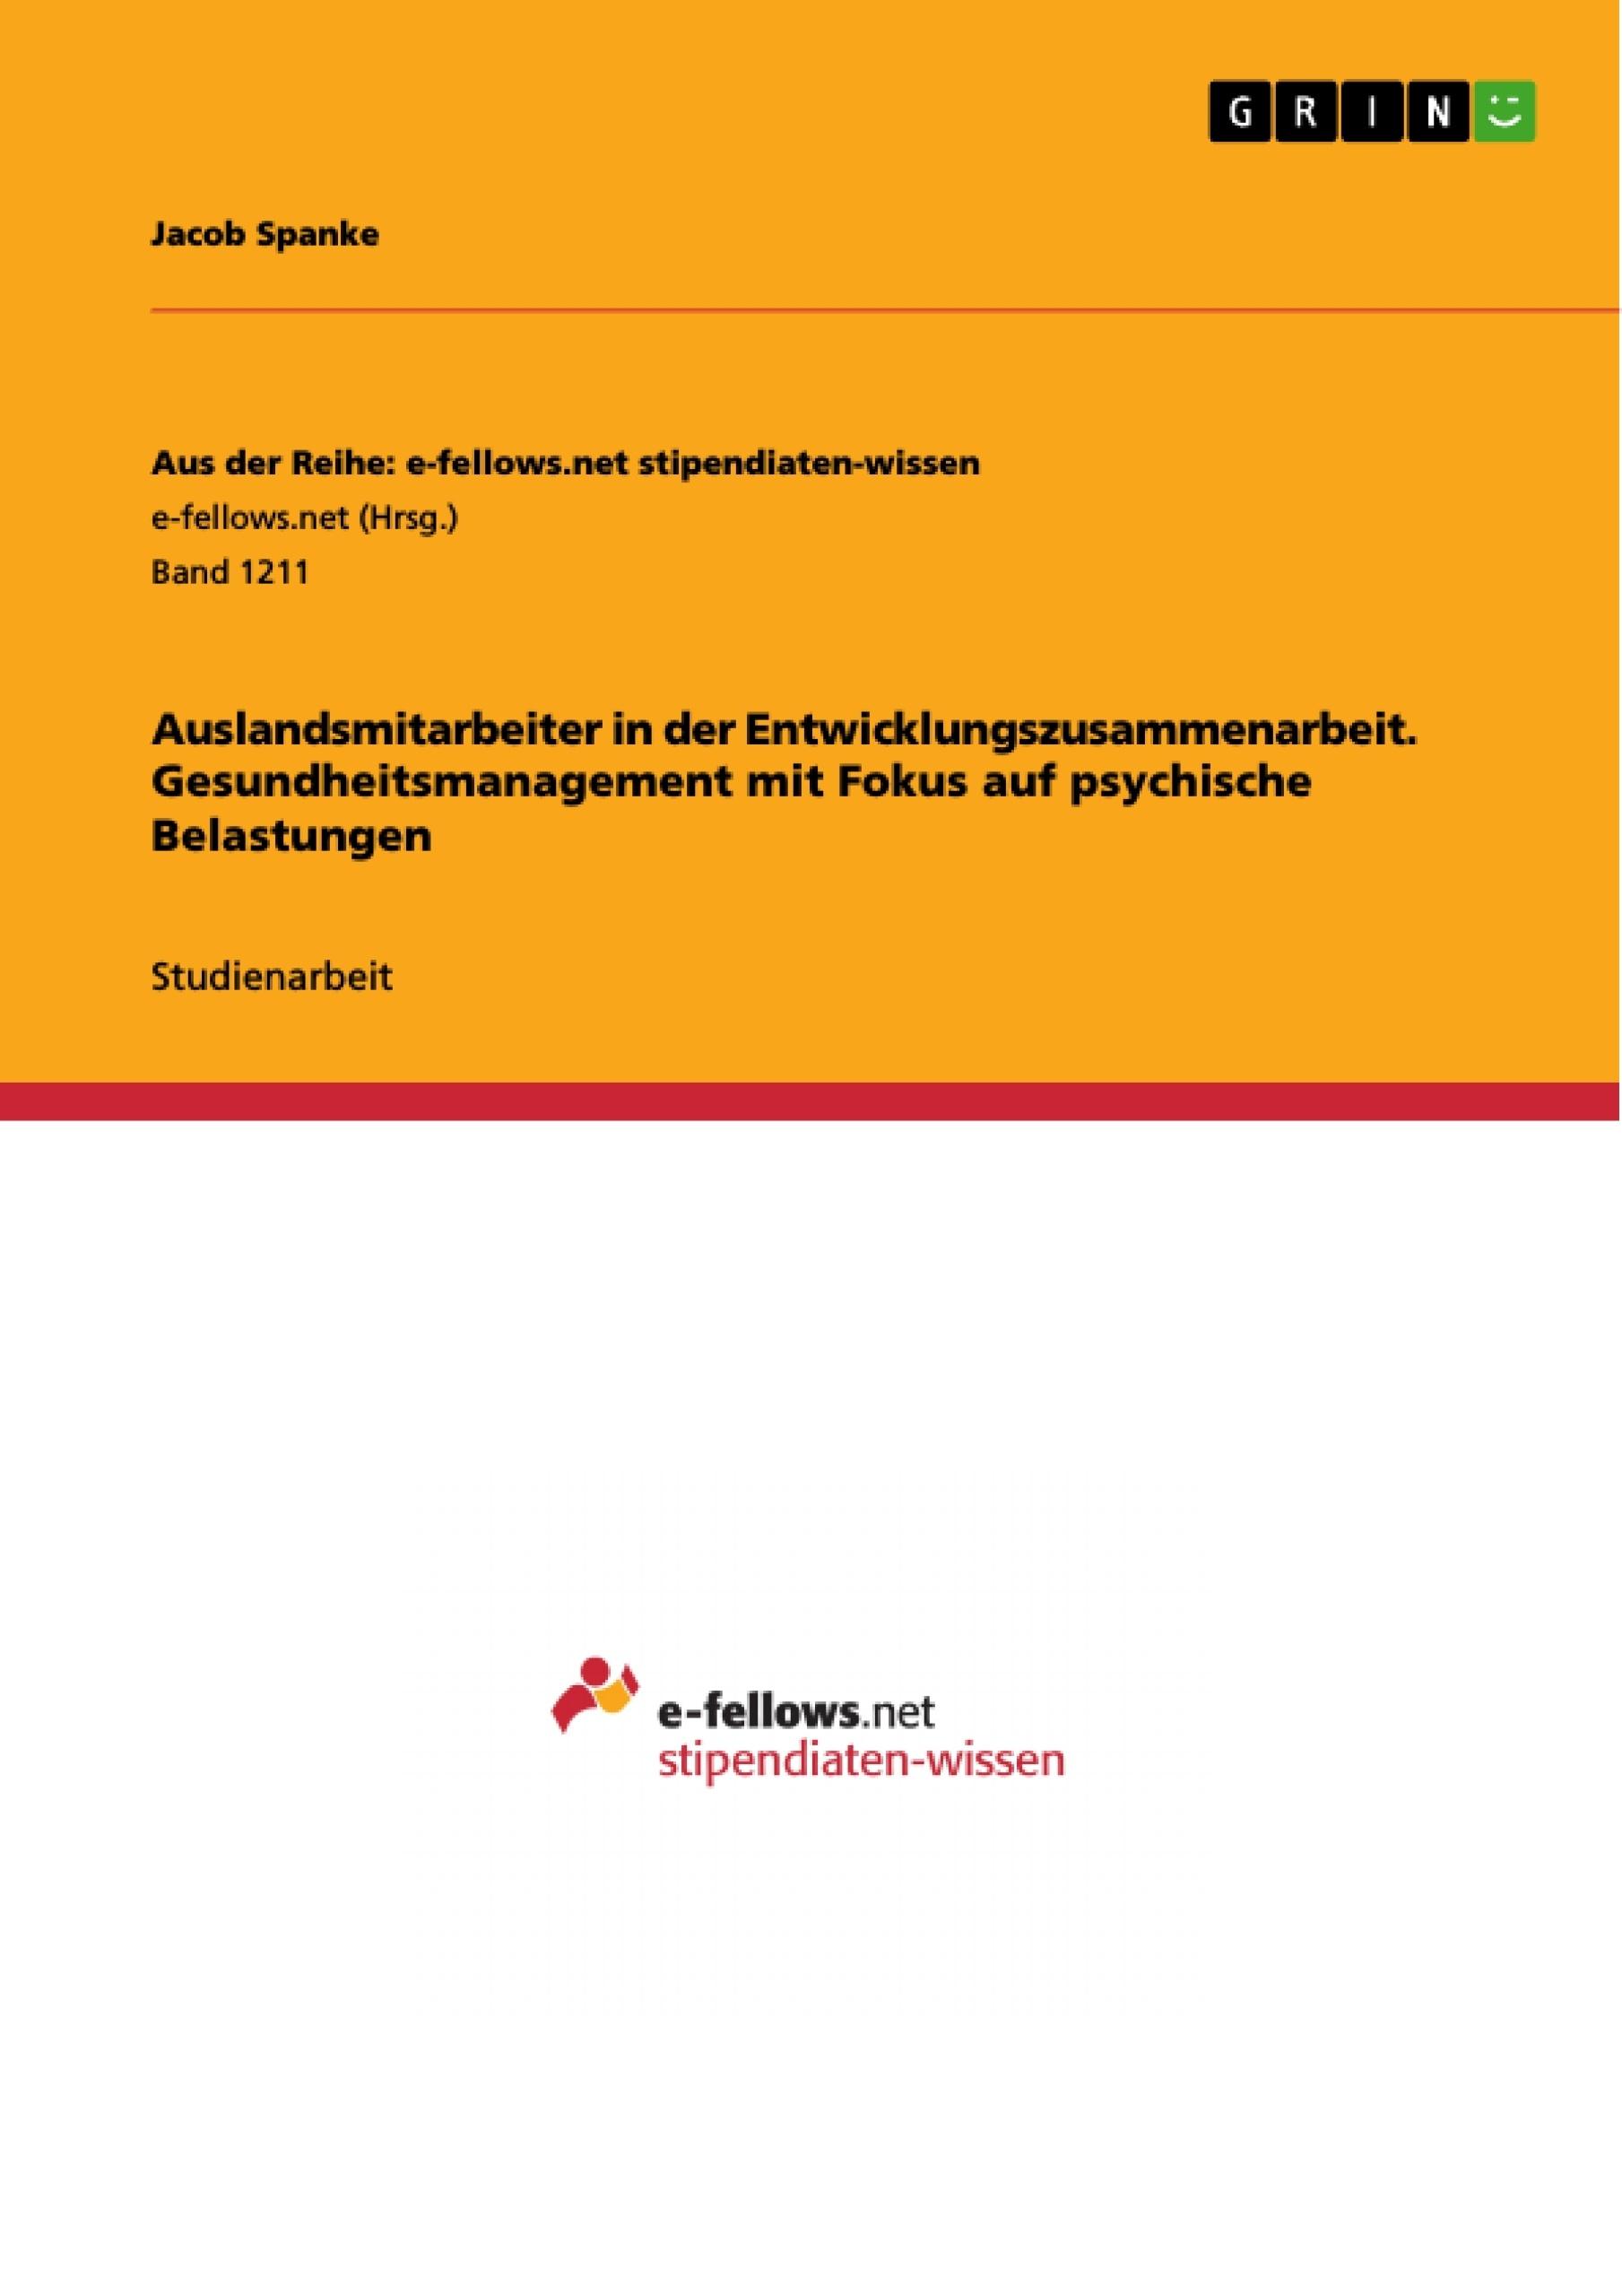 Titel: Auslandsmitarbeiter in der Entwicklungszusammenarbeit. Gesundheitsmanagement mit Fokus auf psychische Belastungen